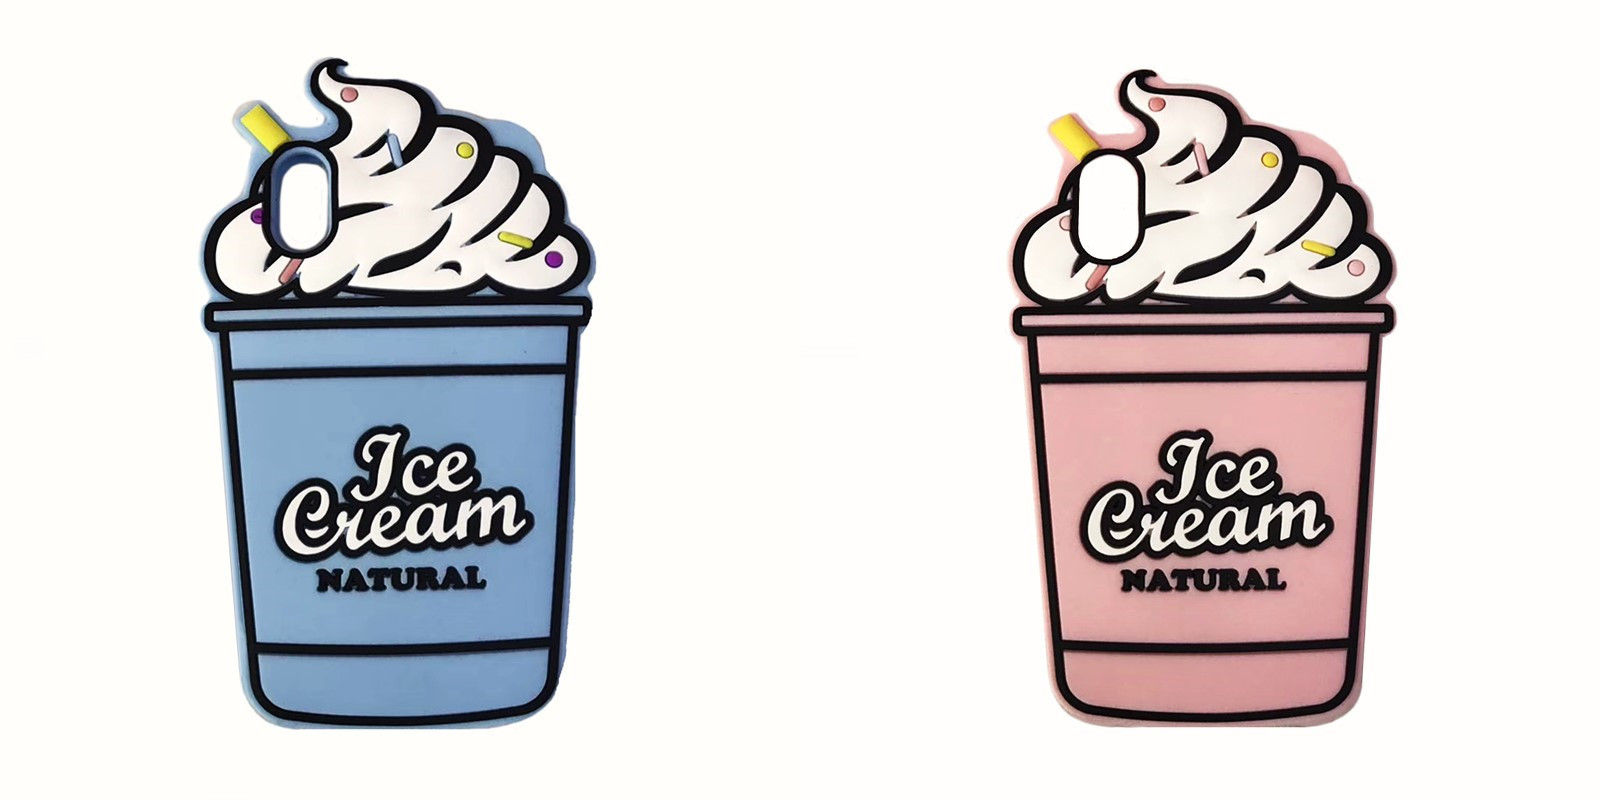 iphone   Thị trường phụ kiện di động  Thời trang mới mùa hè mát kem sô - Cô - la kem silica gel chốn